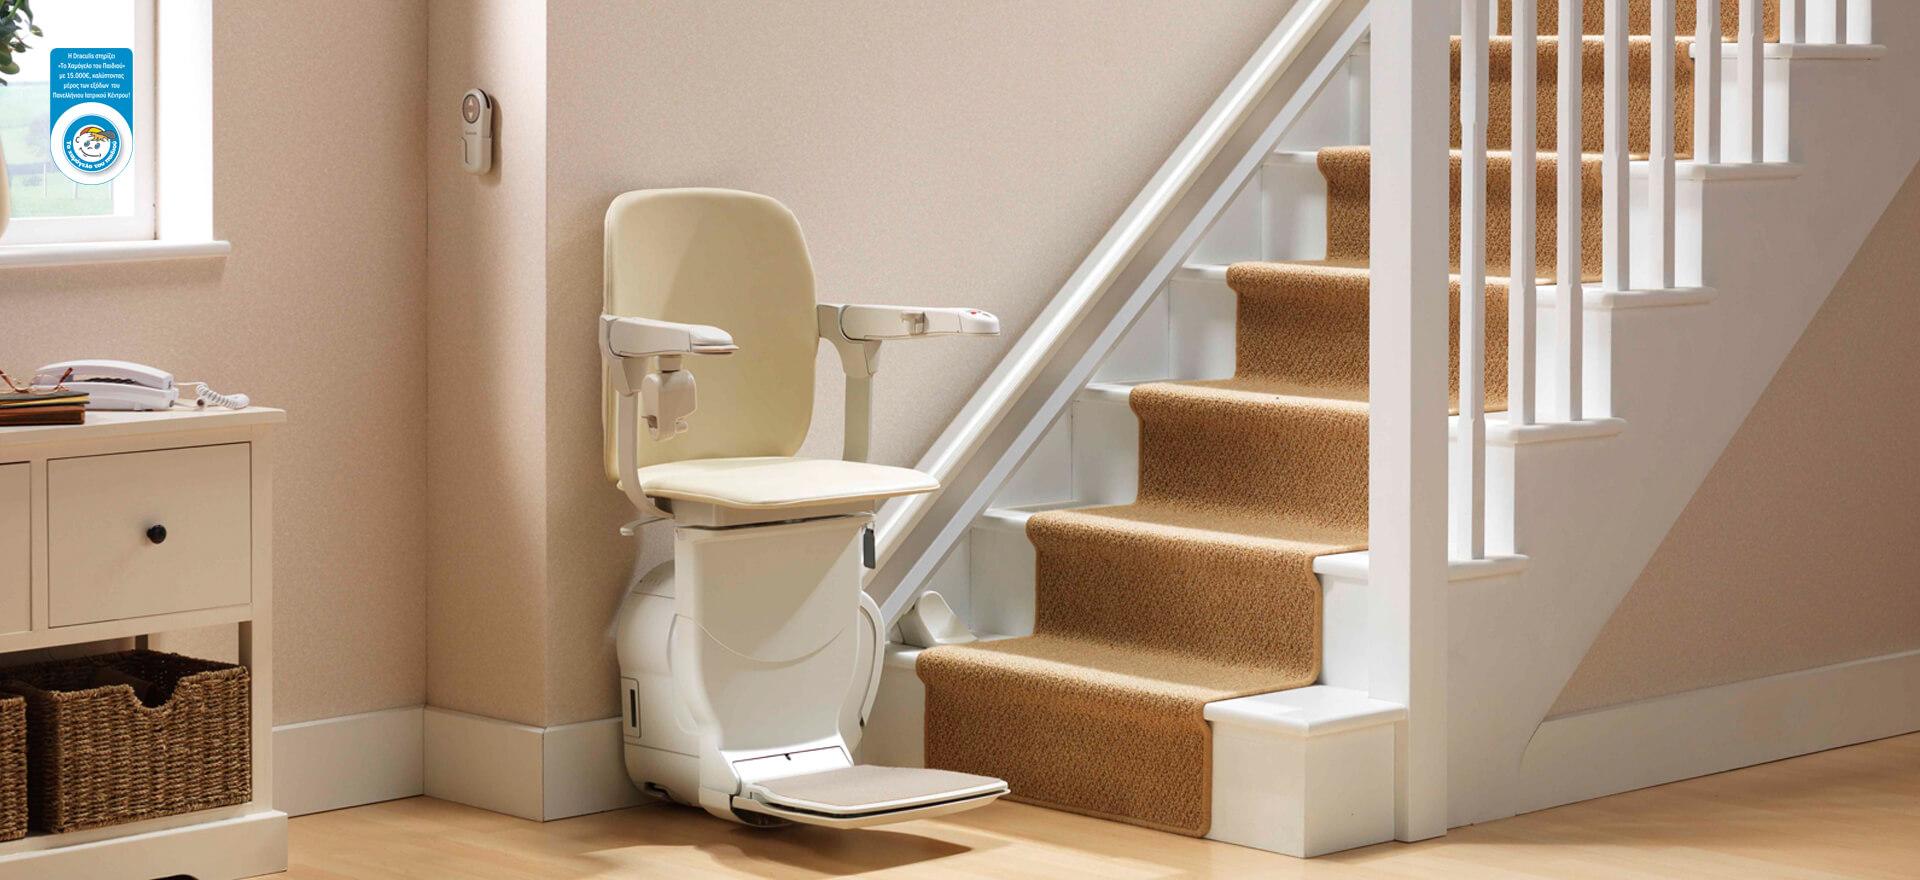 Ανελκυστήρες για ευθύγραμμες εσωτερικές σκάλες - Stannah Siena 600 - Από τη Draculis